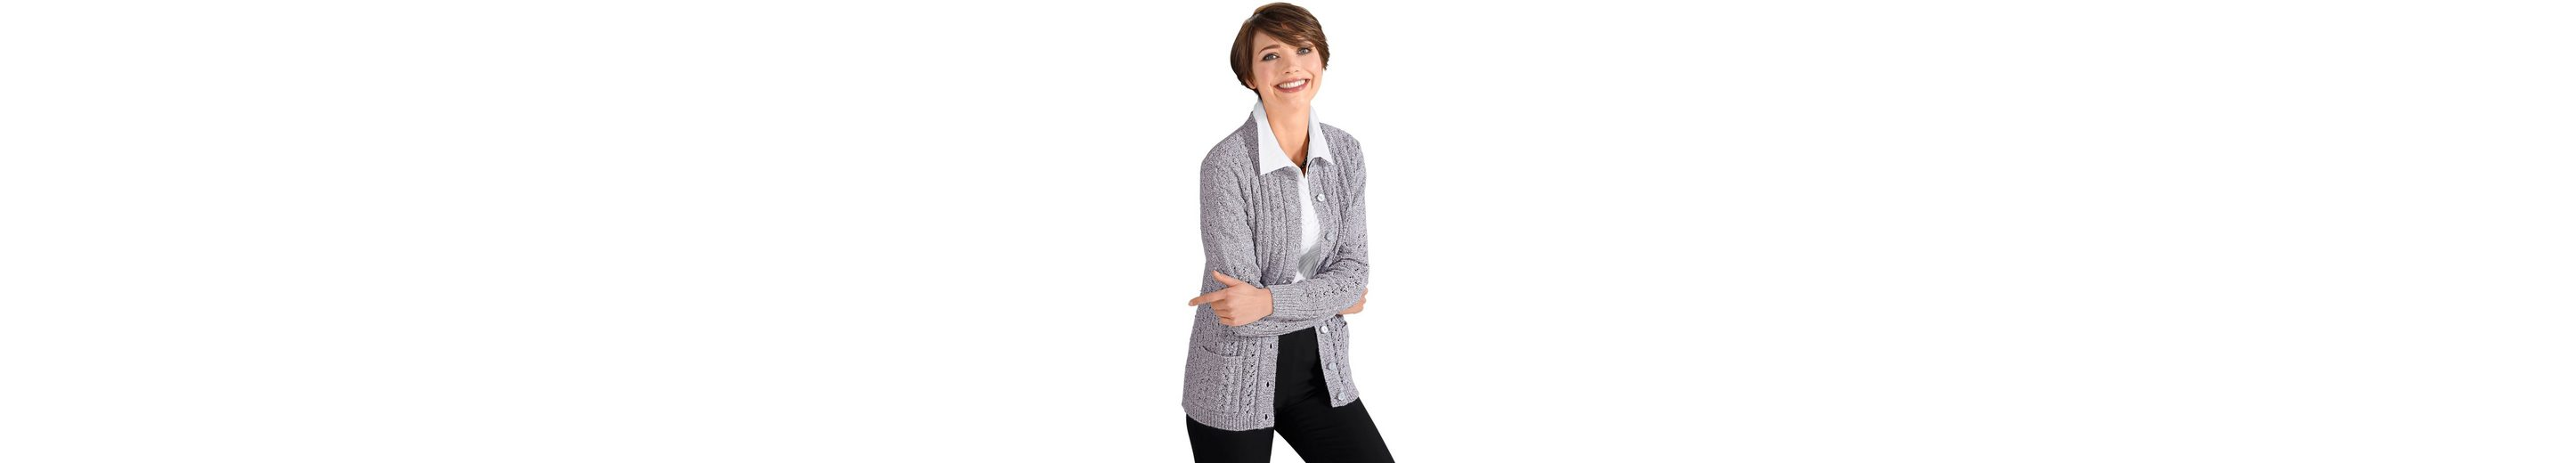 Zum Verkauf Offizieller Seite Classic Basics Strickjacke in Melange-Qualität Auslass Finish Günstige Online Schnelle Lieferung Günstiger Preis sLDEAKYE